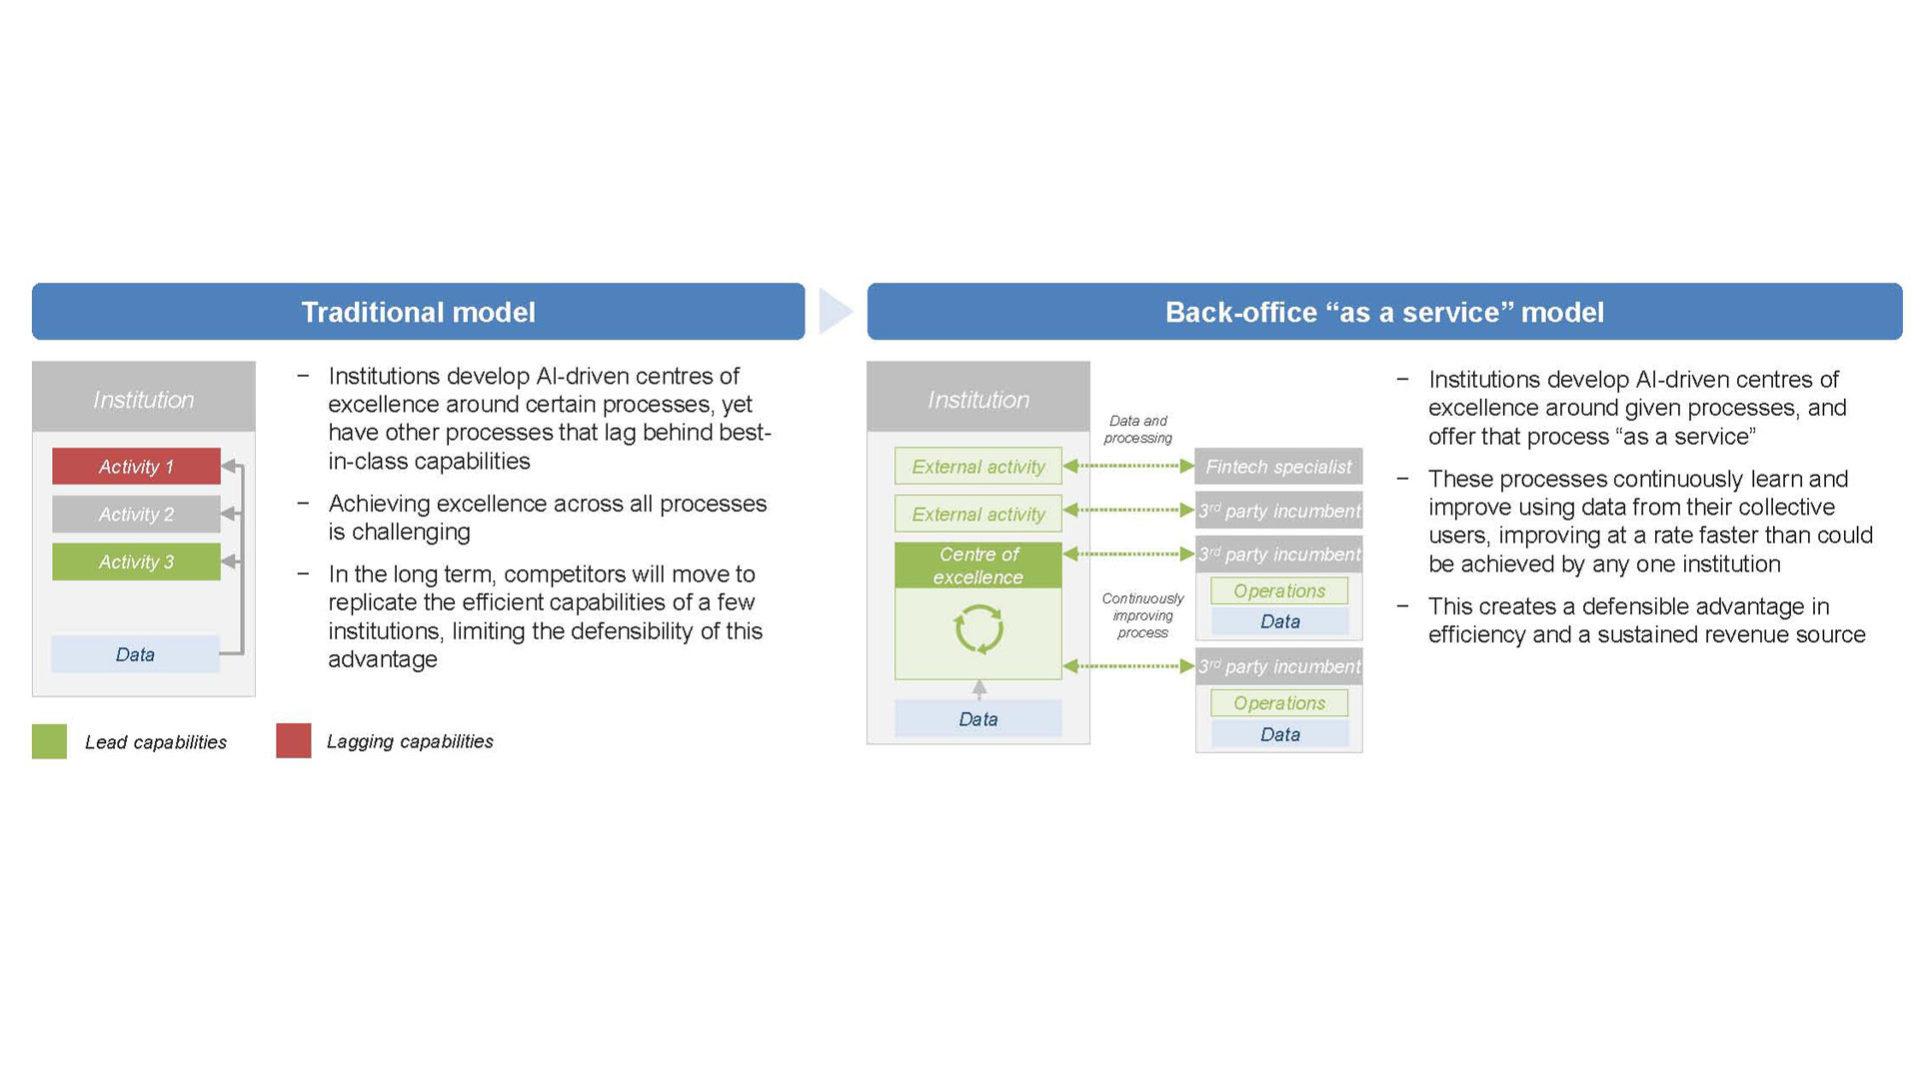 Schema che mostra Differenze tra un modello tradizionale di implementazione di AI e uno di back office come servizio